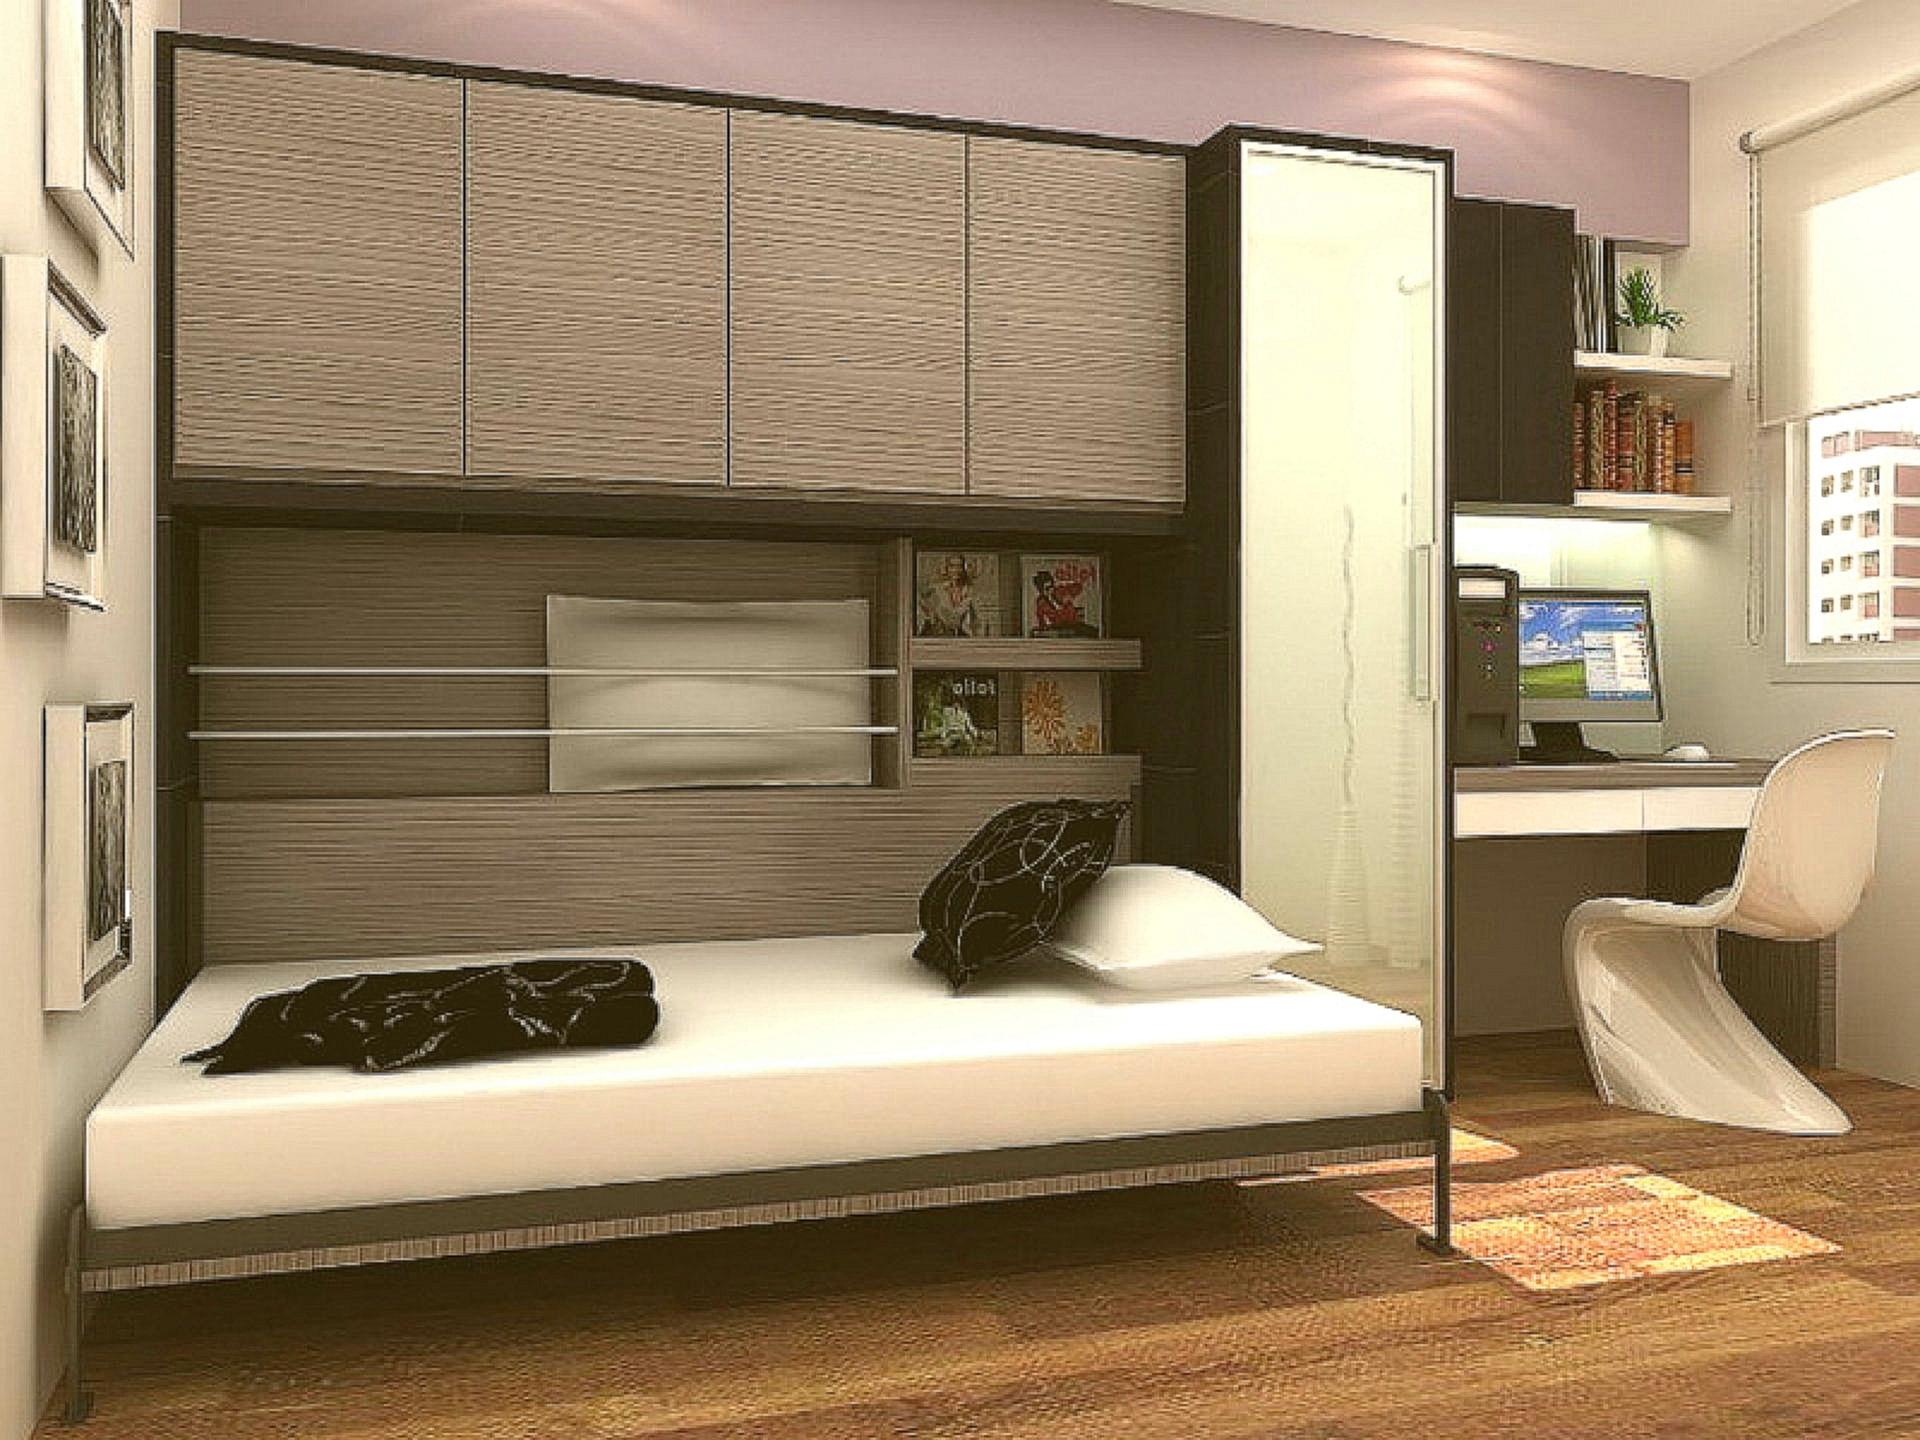 Встроенная кровать в шкаф в интерьере - фото примеров.